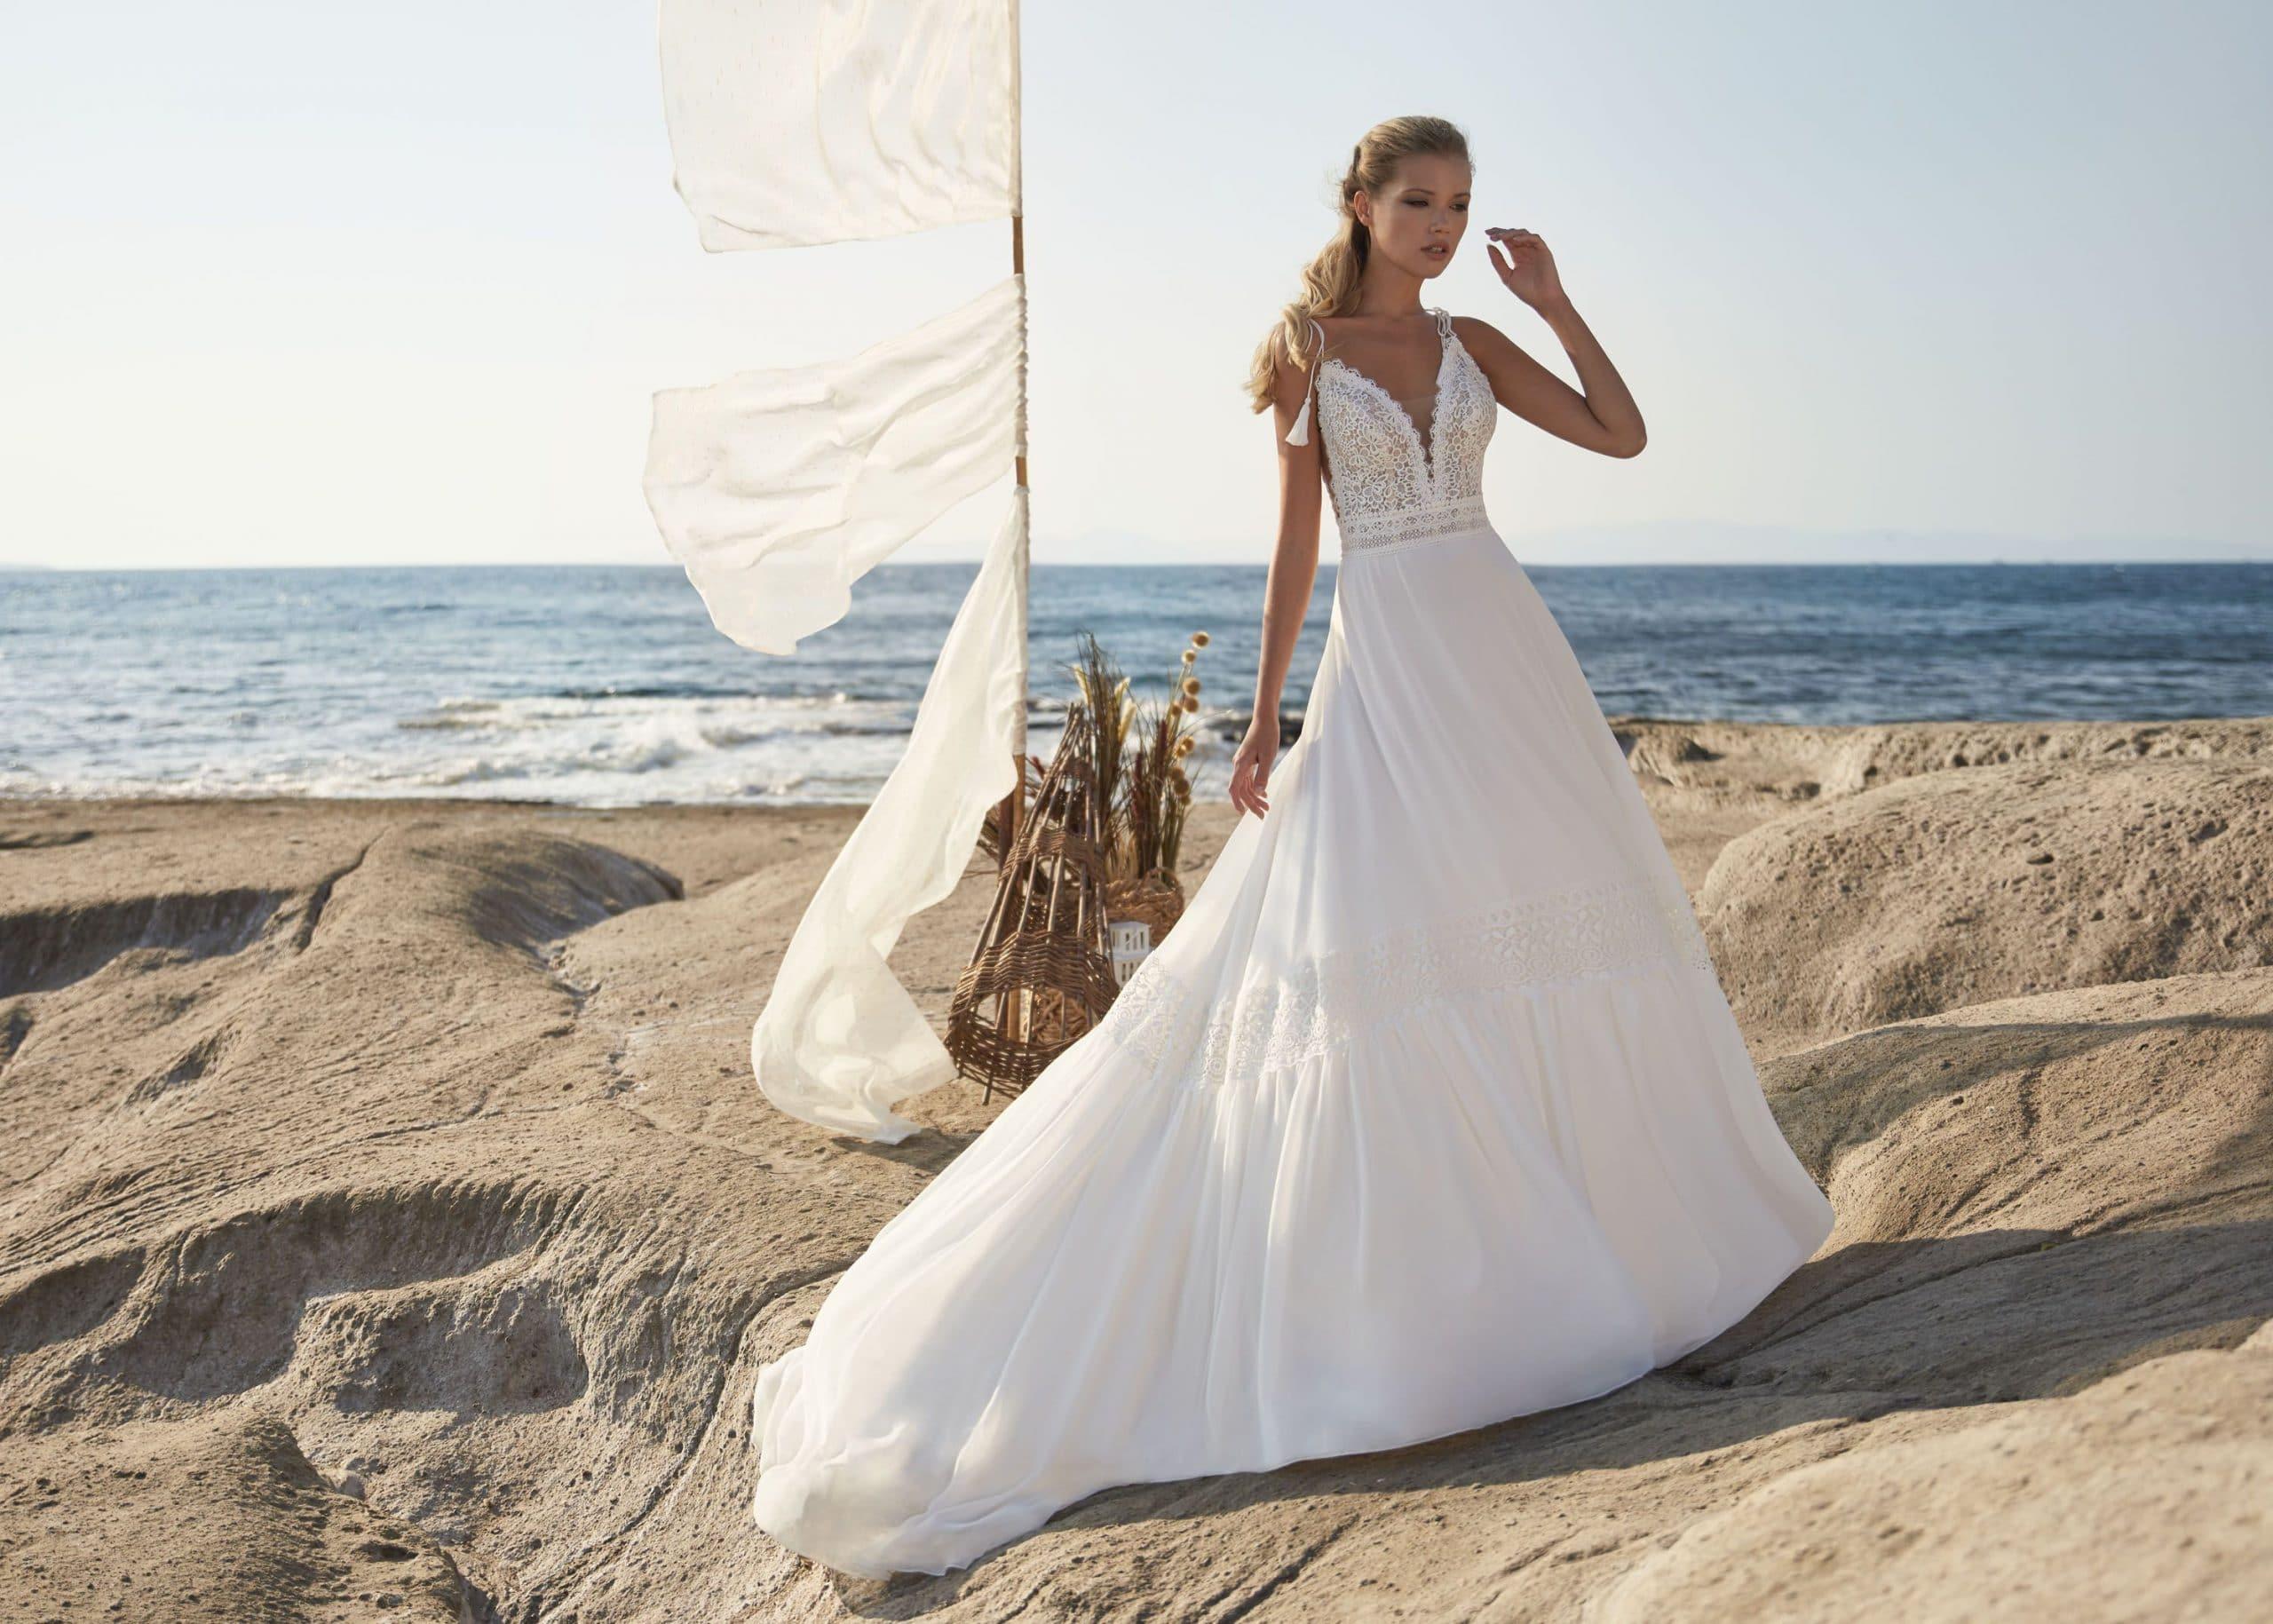 trouwen op het strand amiga